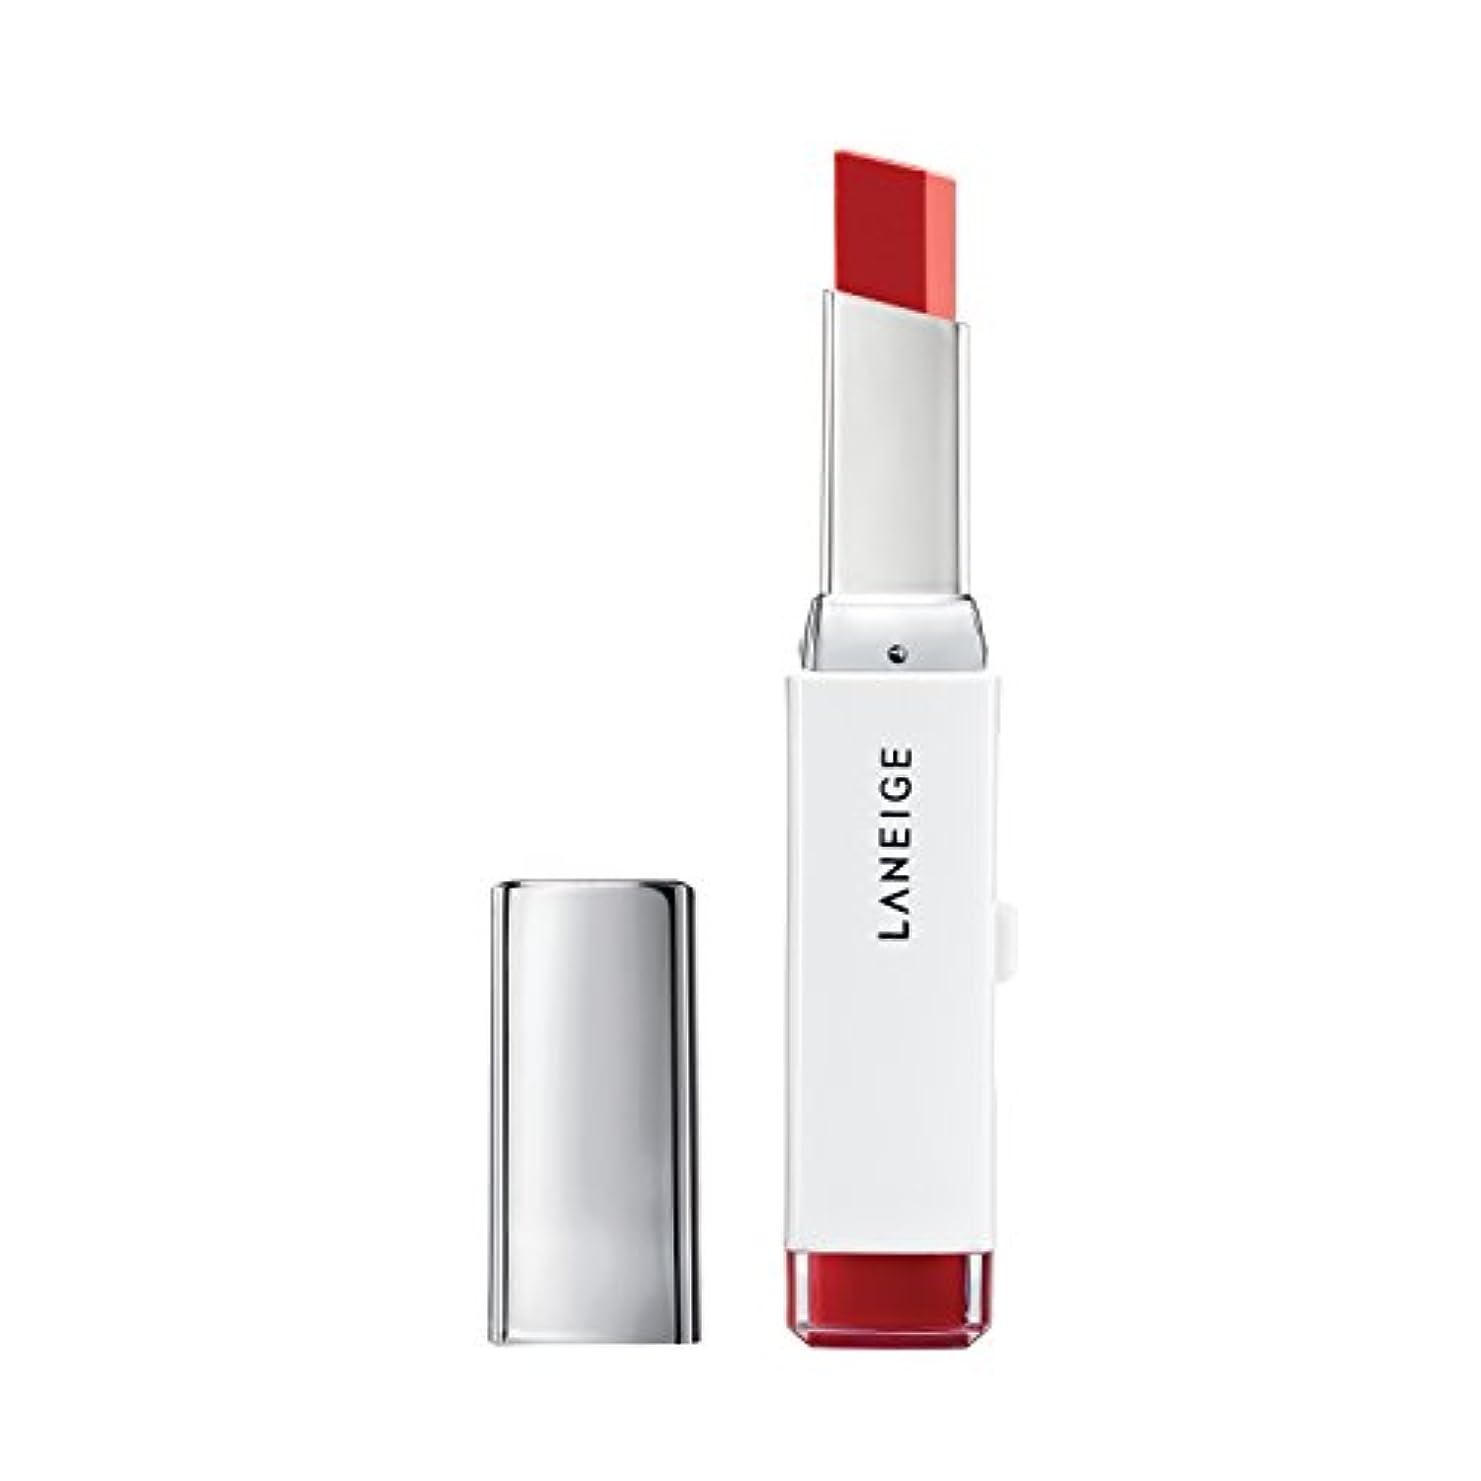 ラネージュ(LANEIGE)ツートーンリップバー(Two tone lip bar)2g カラー:12号 メキシレッド